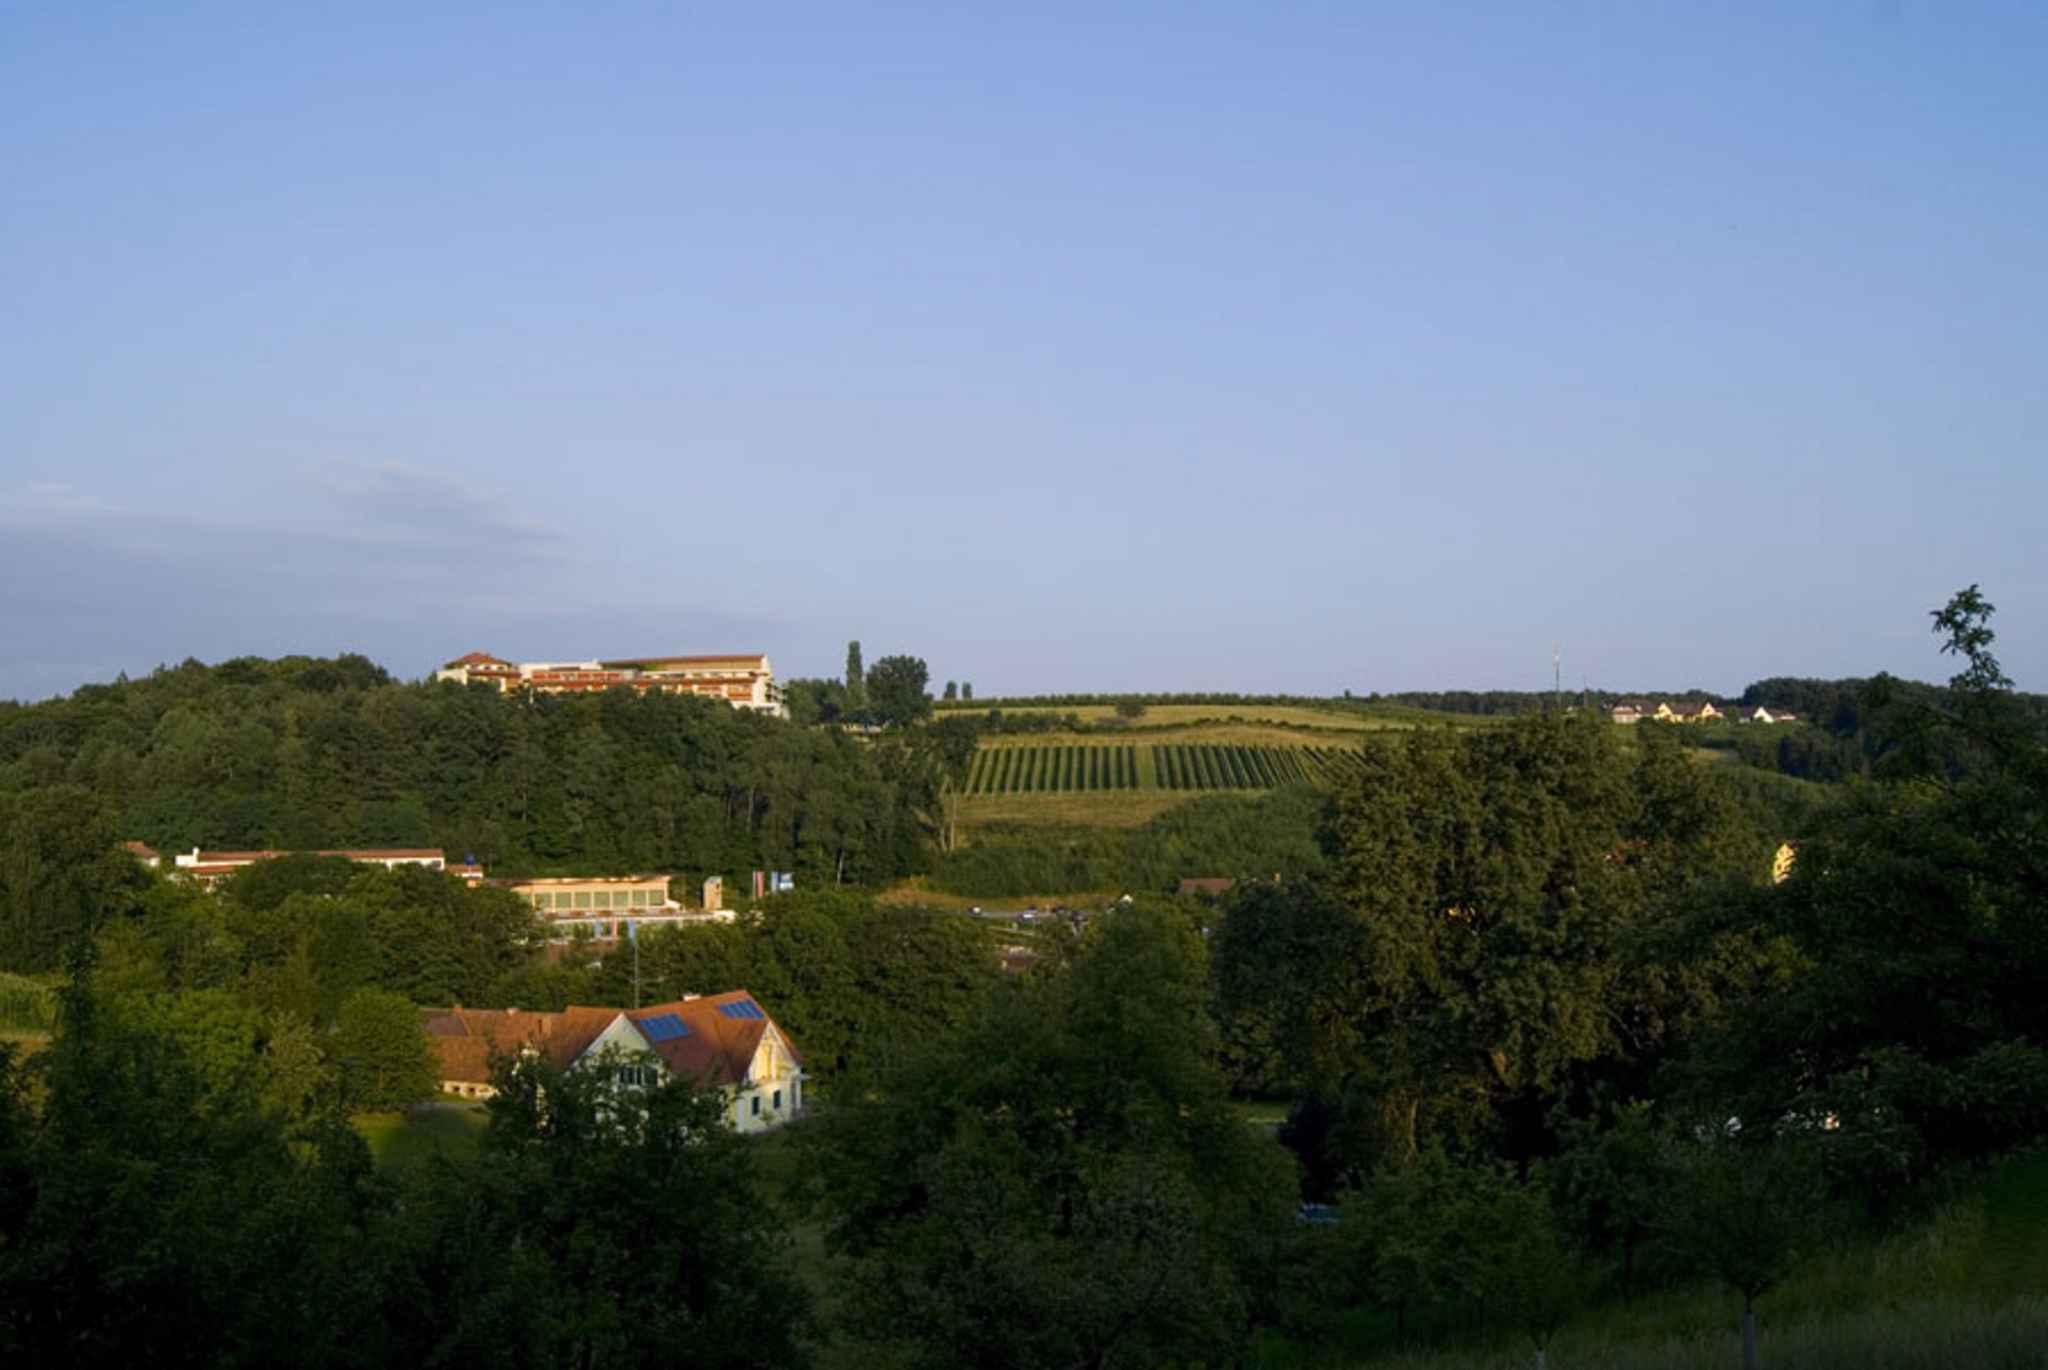 Ferienhaus im Thermal-Biodorf inkl. Wellness (430208), Bad Waltersdorf, Oststeiermark, Steiermark, Österreich, Bild 1